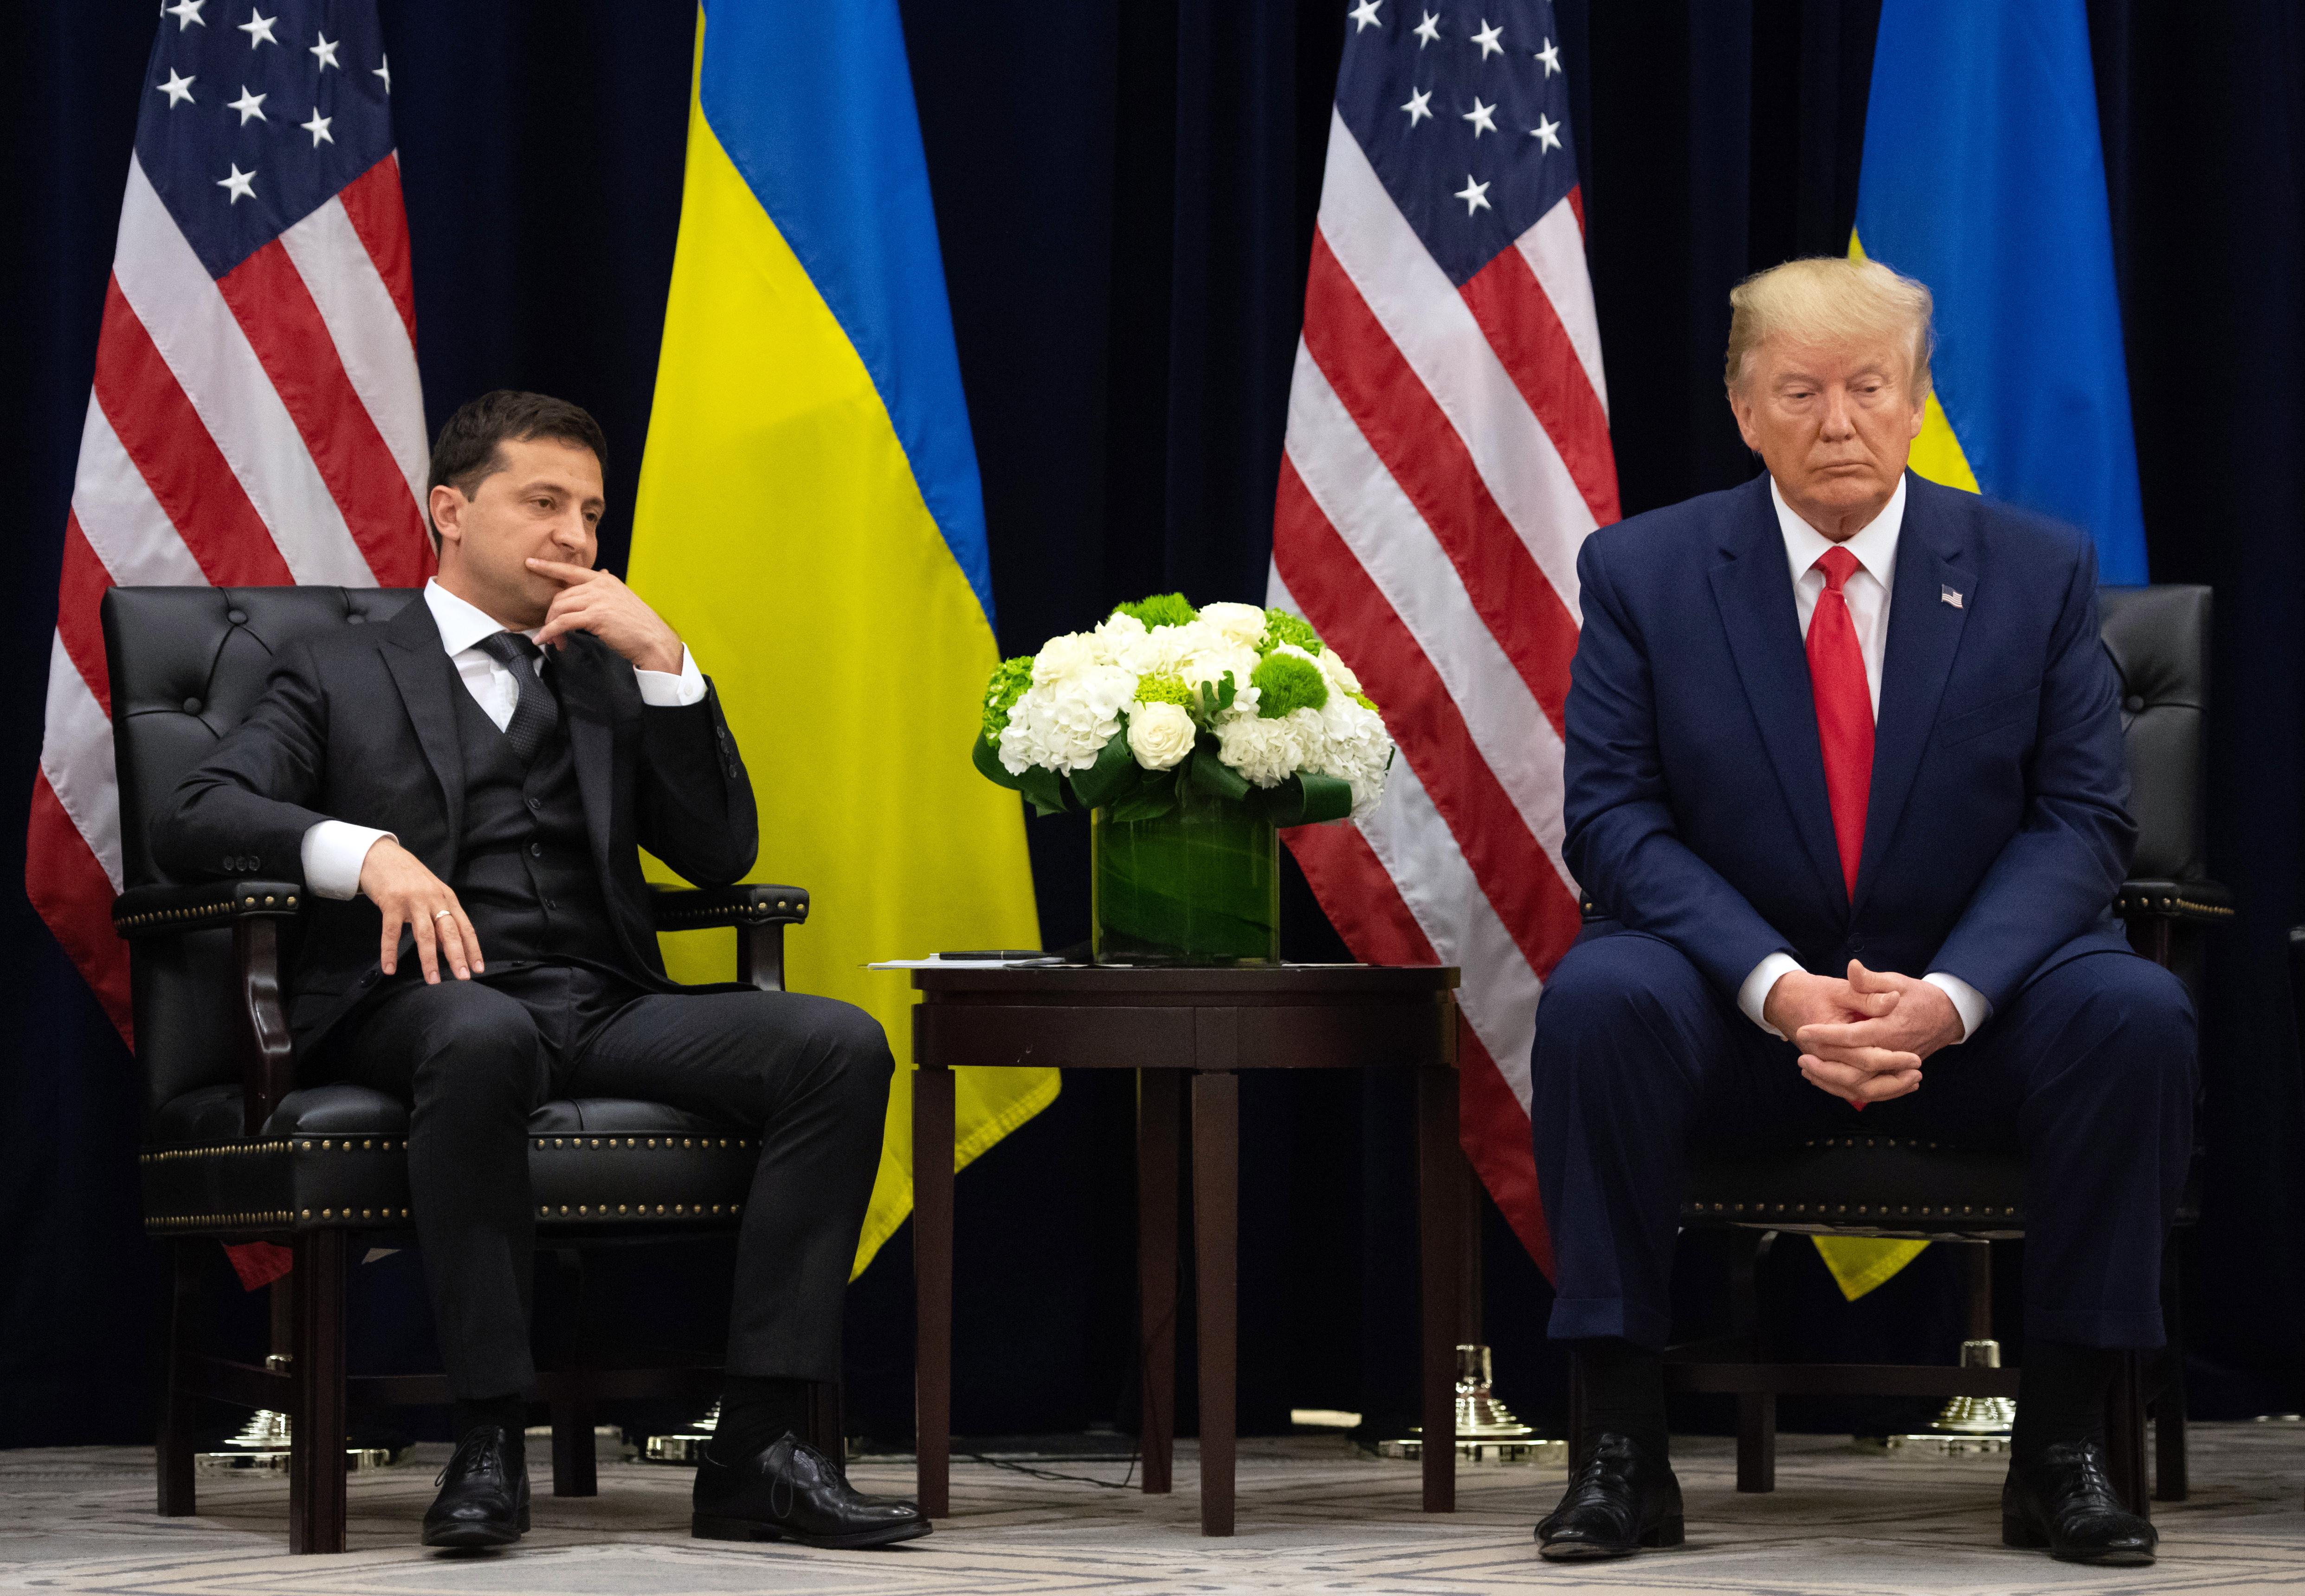 A Fehér Ház megpróbálta elzárni a Trump és az ukrán elnök közti telefonbeszélgetés részleteit